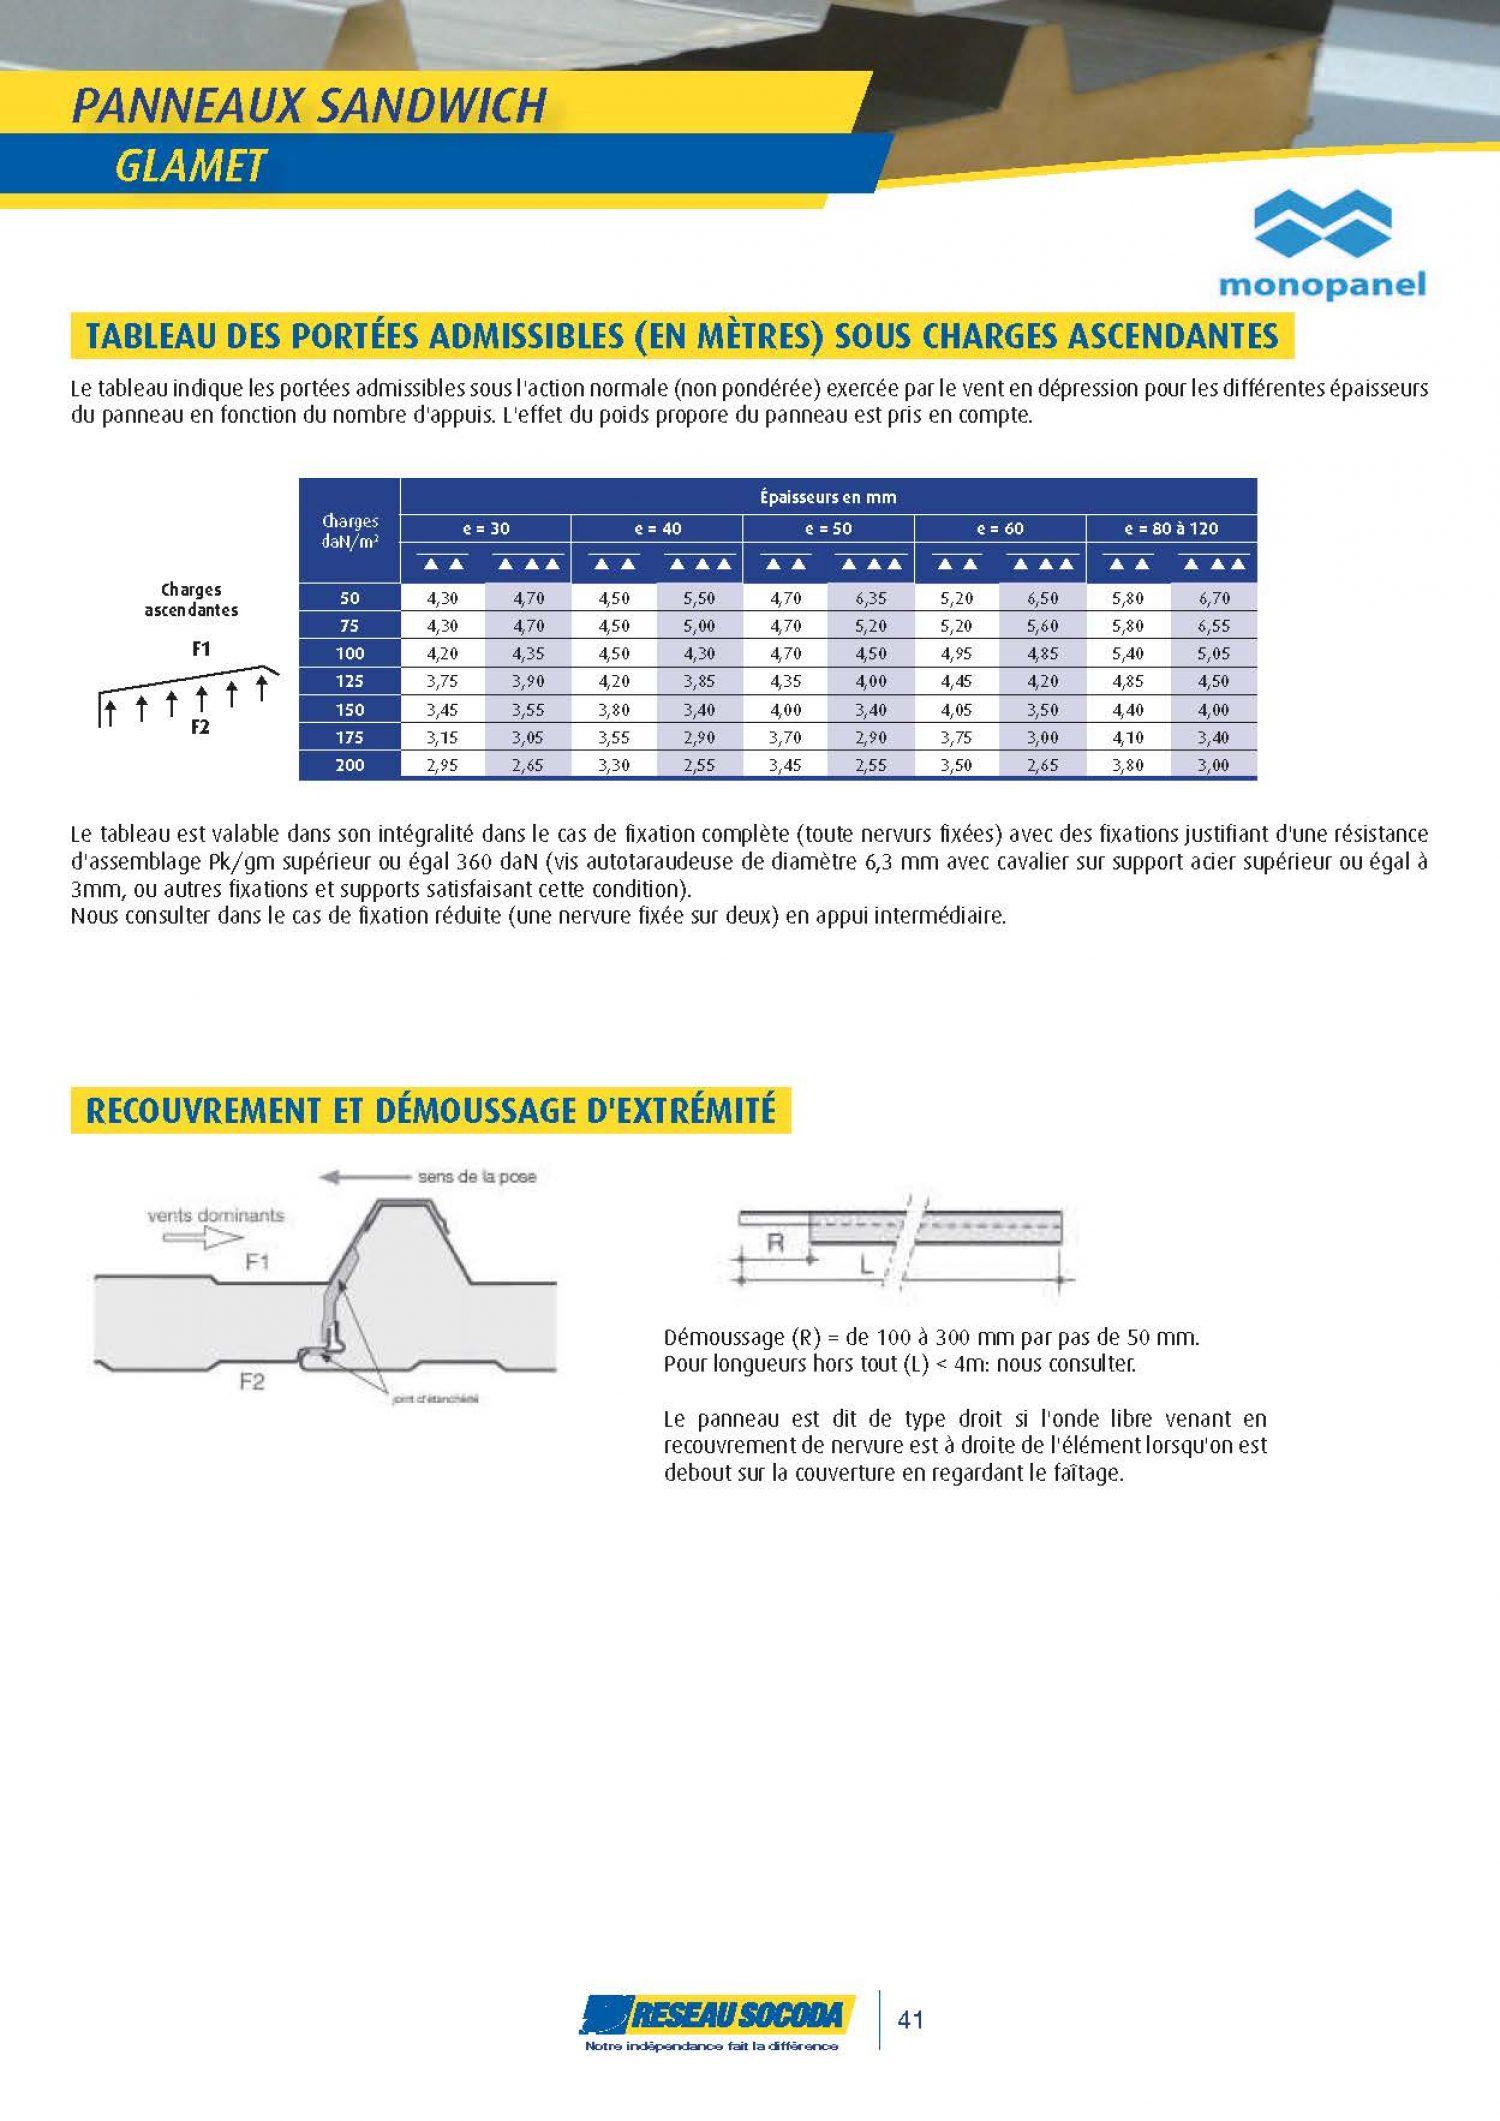 GERMOND_2014 PROFIL BATIMENT_20140324-184231_Page_41